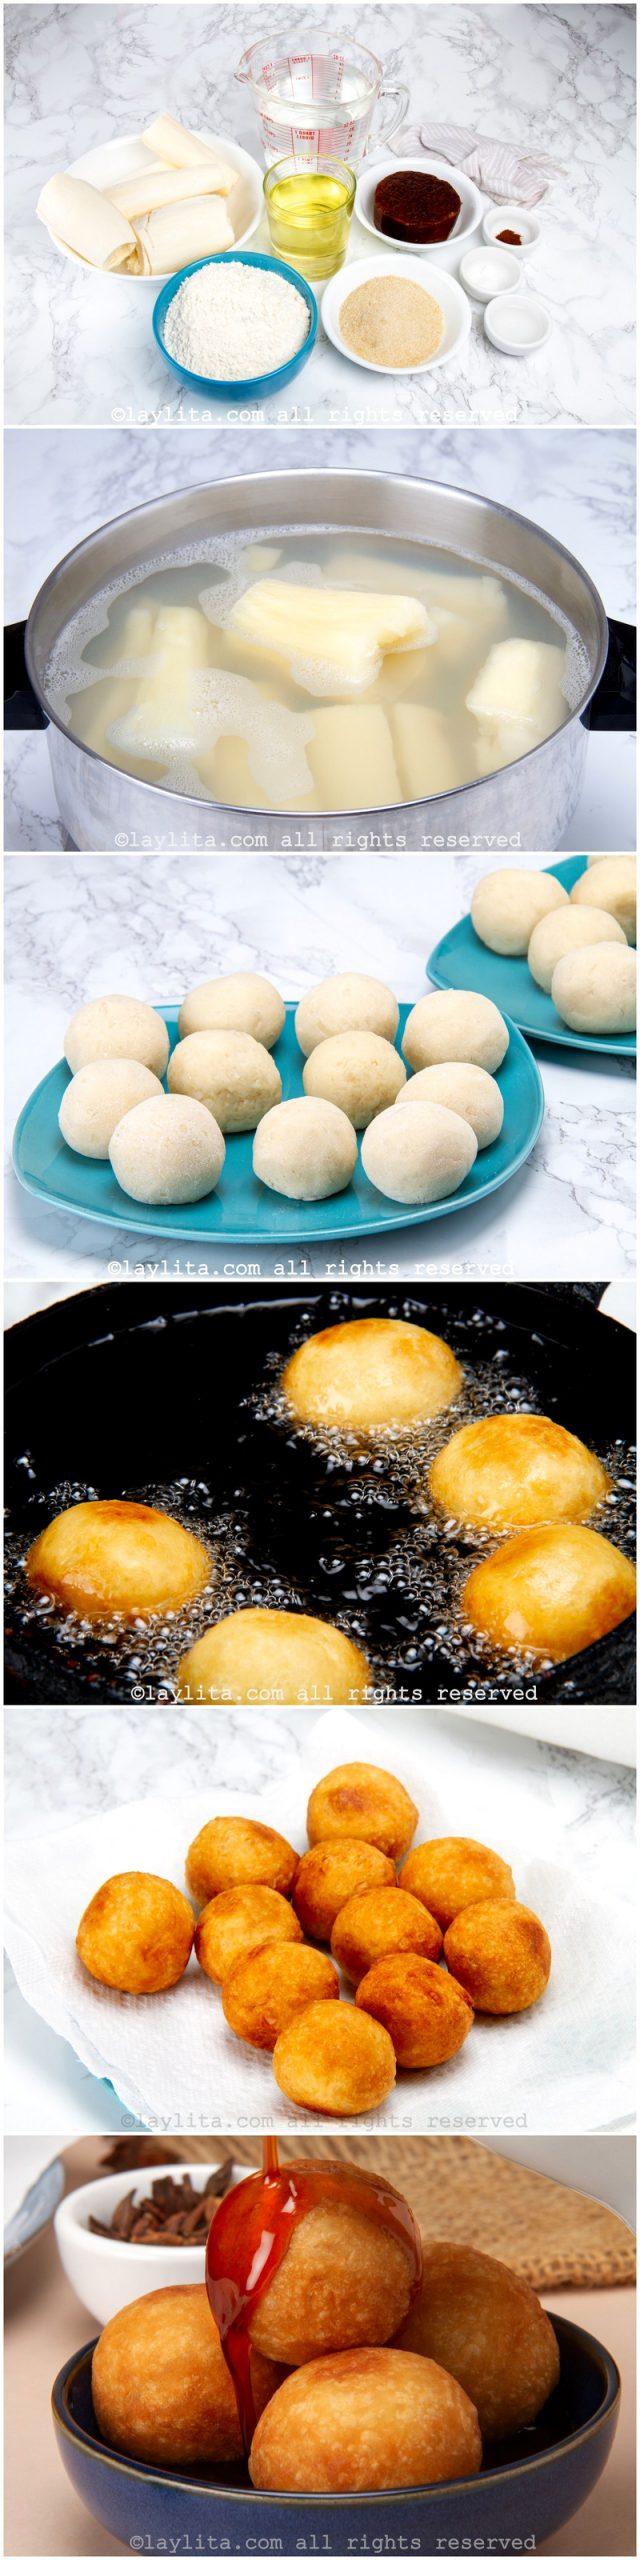 Como preparar buñuelos de yuca